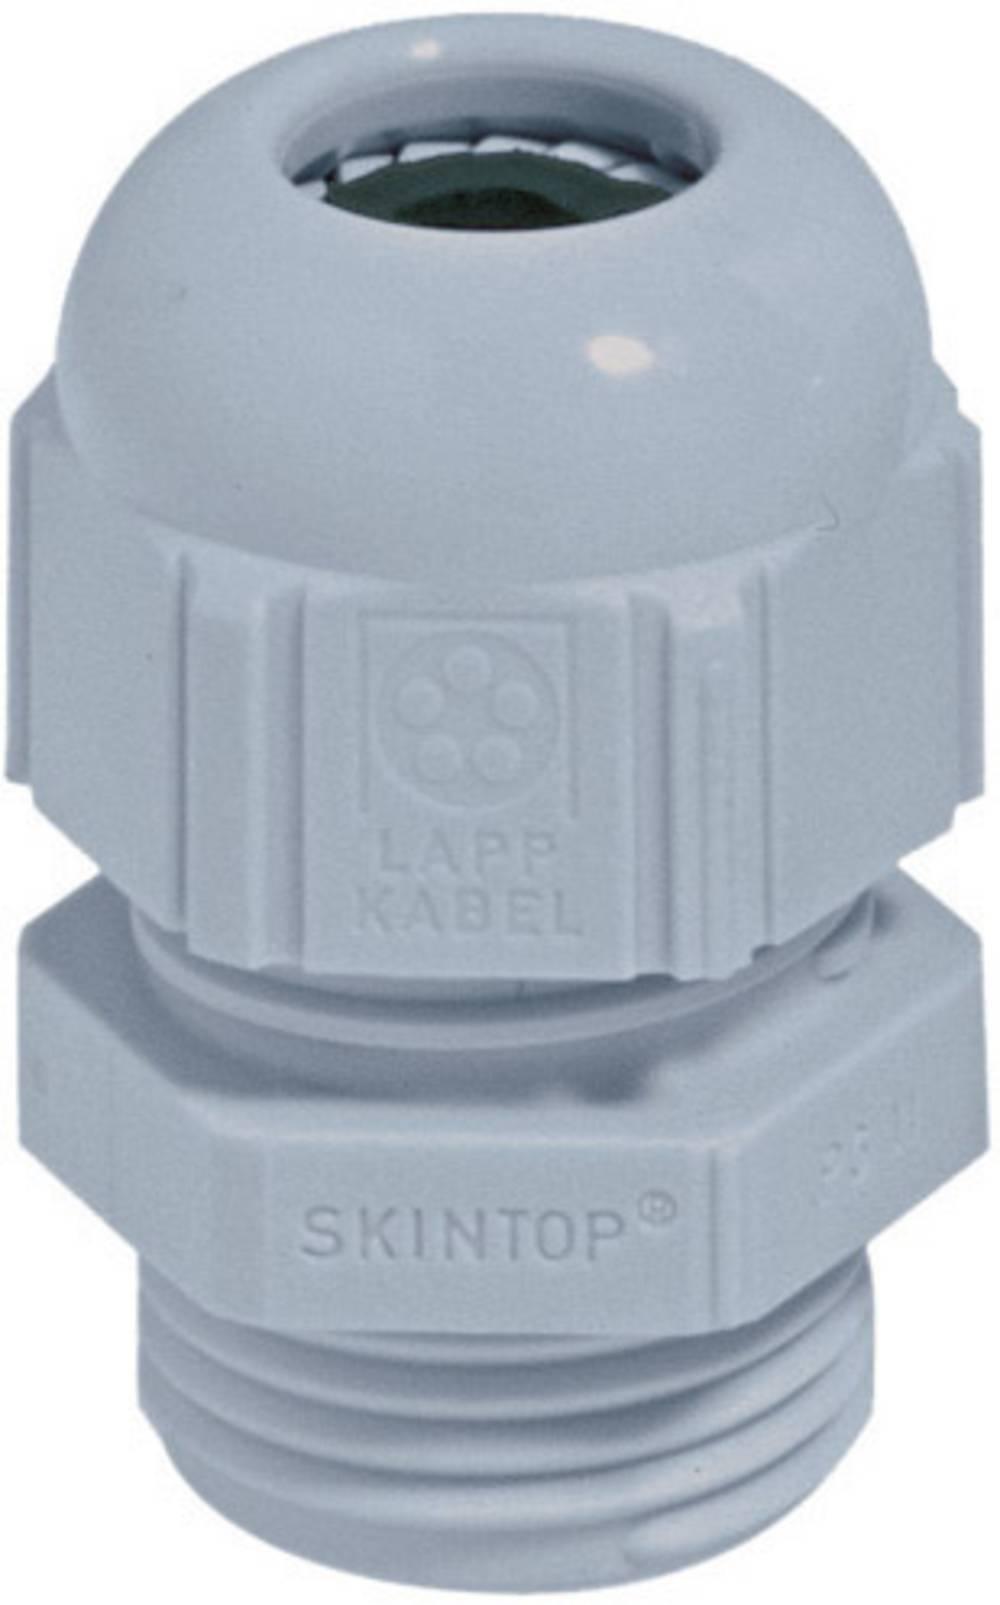 Kabelska uvodnica PG7 poliamid srebrno-sive barve (RAL 7001) LappKabel SKINTOP® ST PG7 1 kos